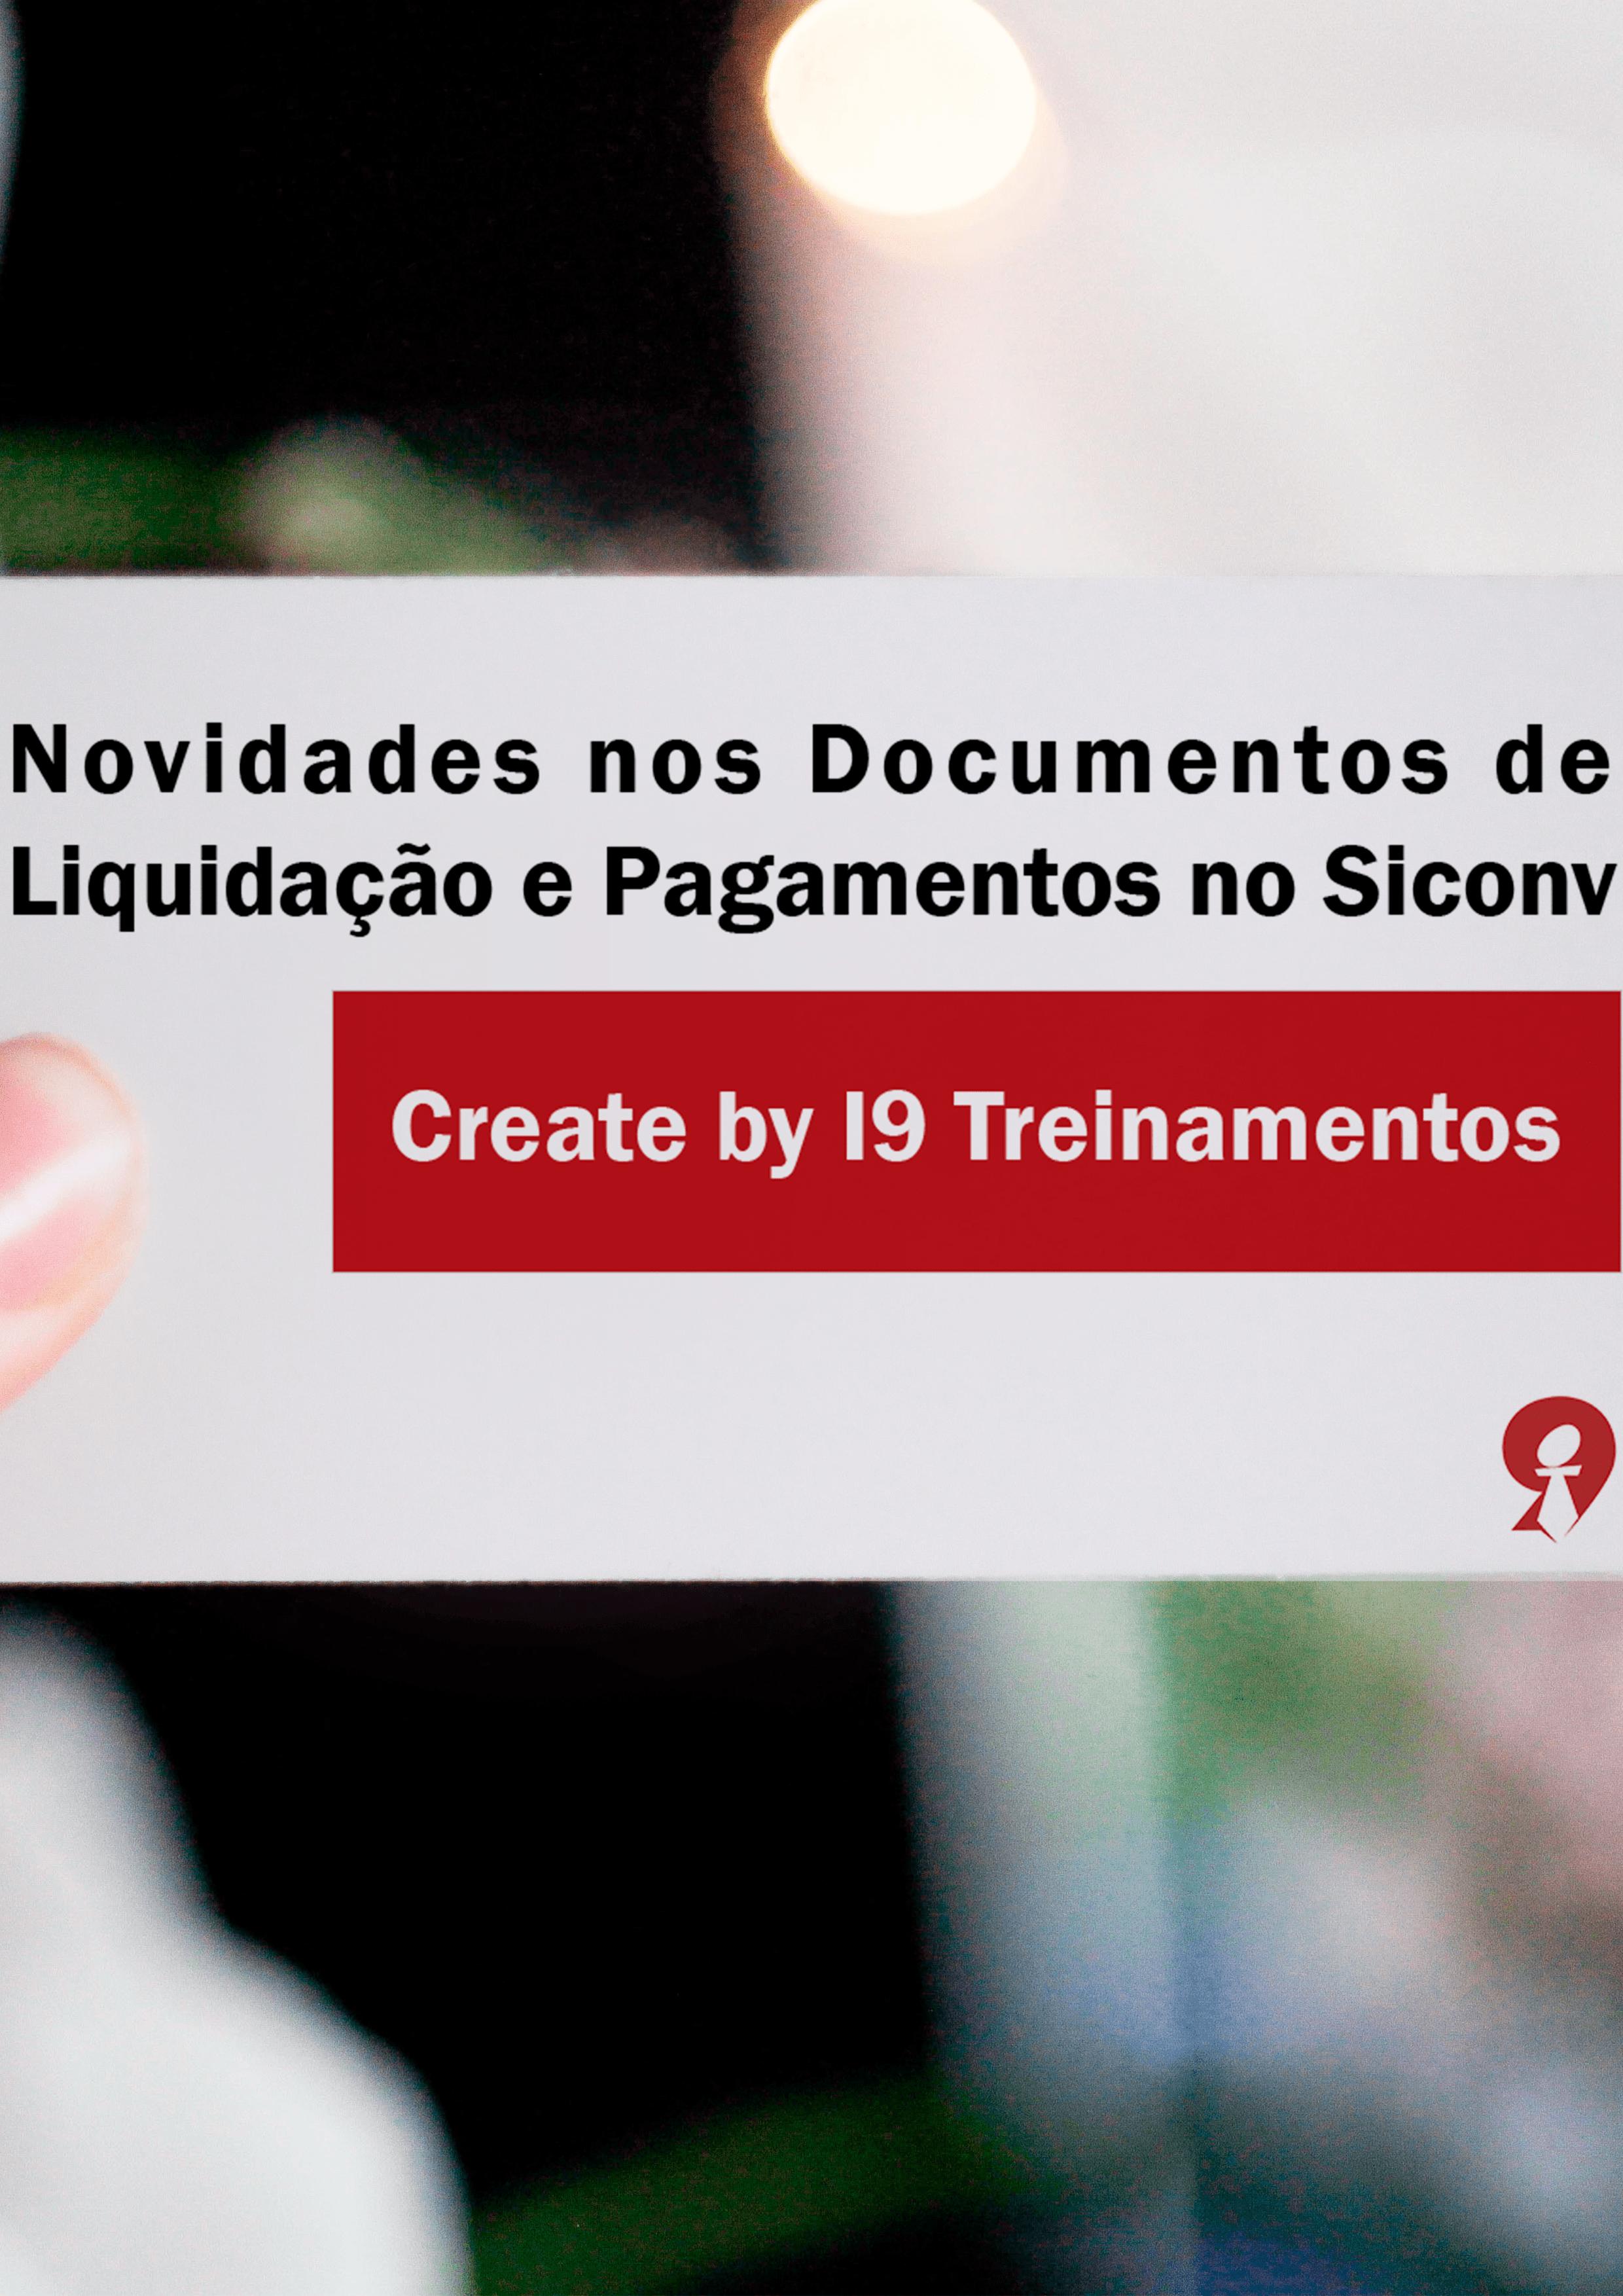 Novidades nos documentos de liquidação e pagamentos no siconv